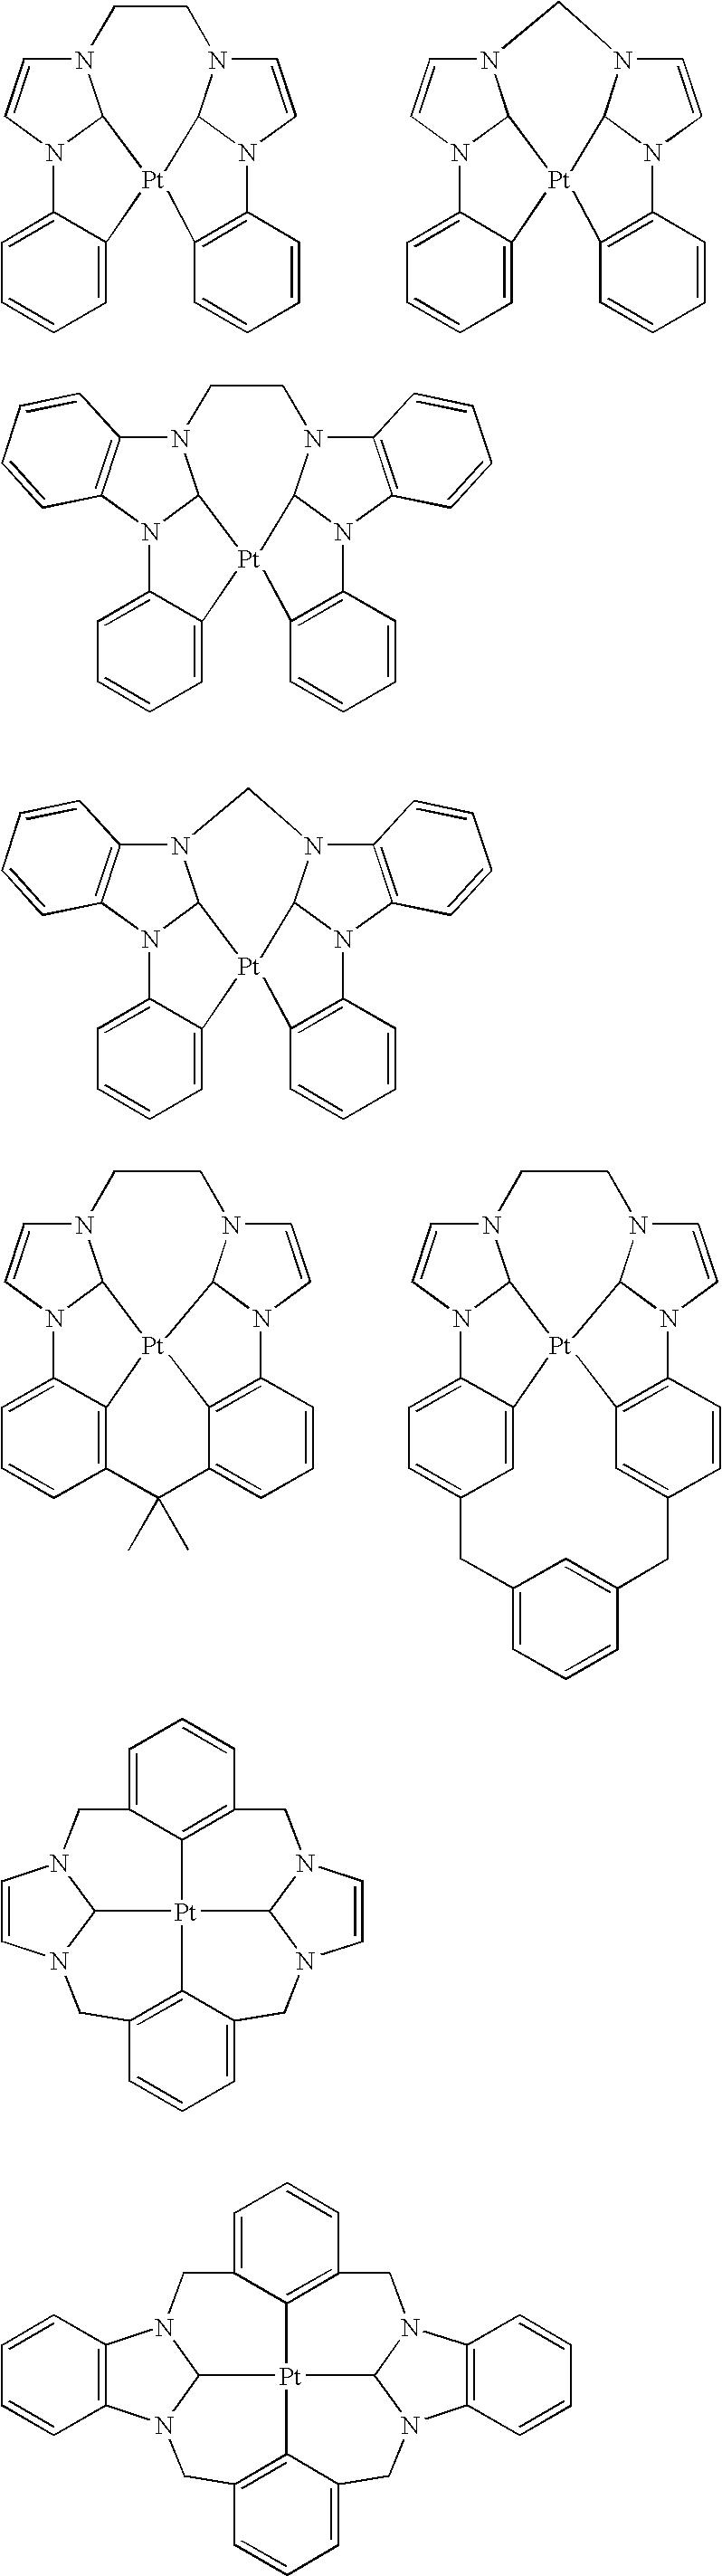 Figure US20050260445A1-20051124-C00064